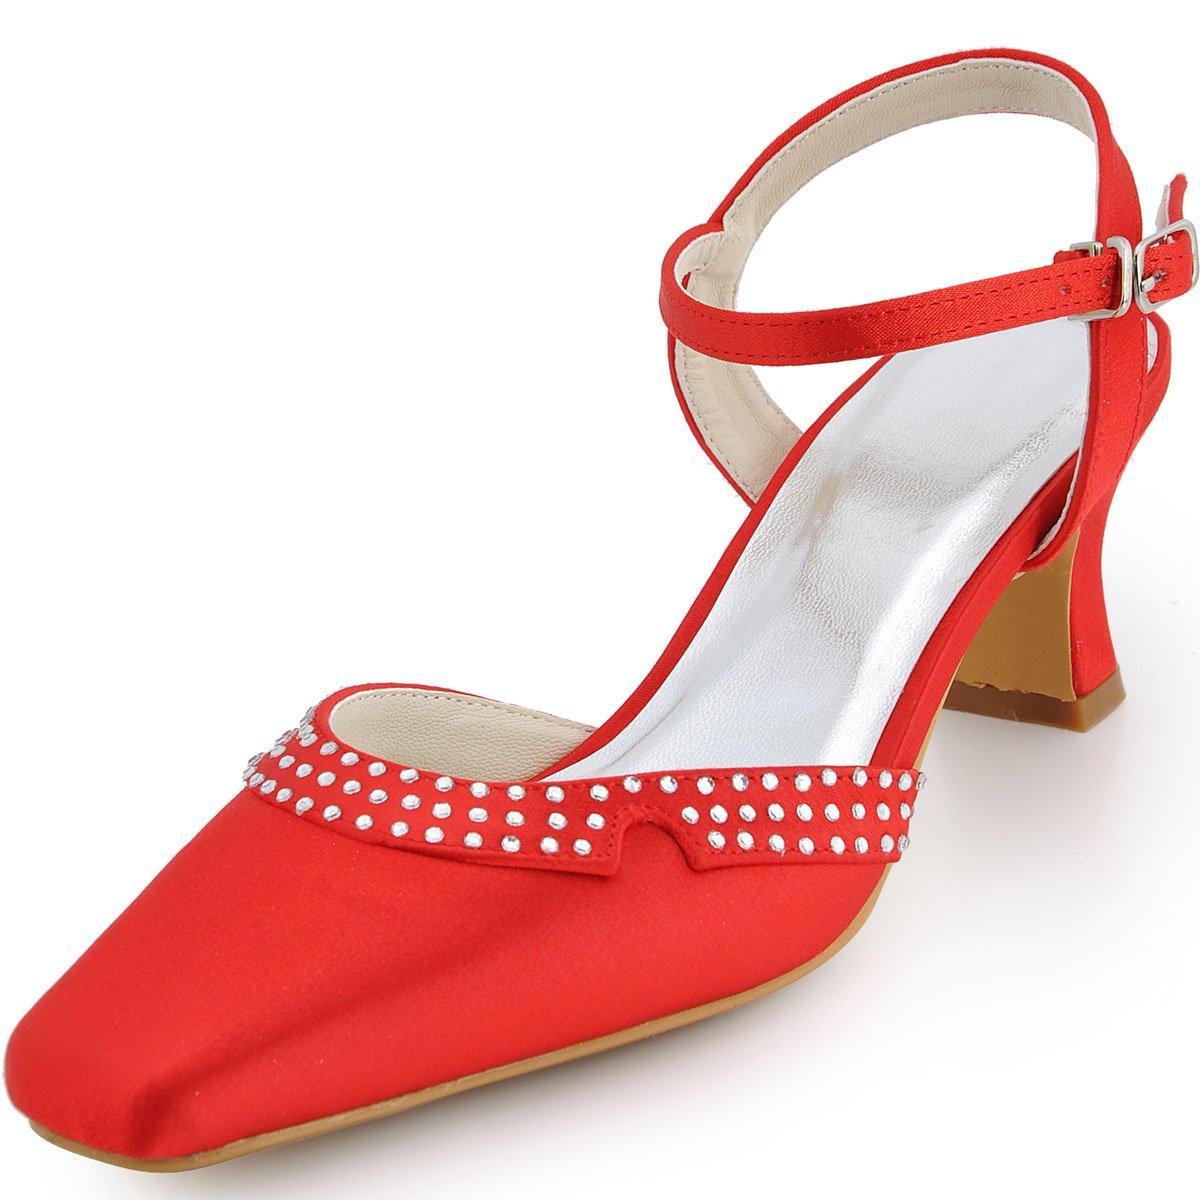 Elegantpark Femmes Femmes EP11033 Satin Bout Bout Carré Bloc Talon Boucle Diamant Satin Chaussures de Mariee Mariage Rouge 6d65886 - conorscully.space